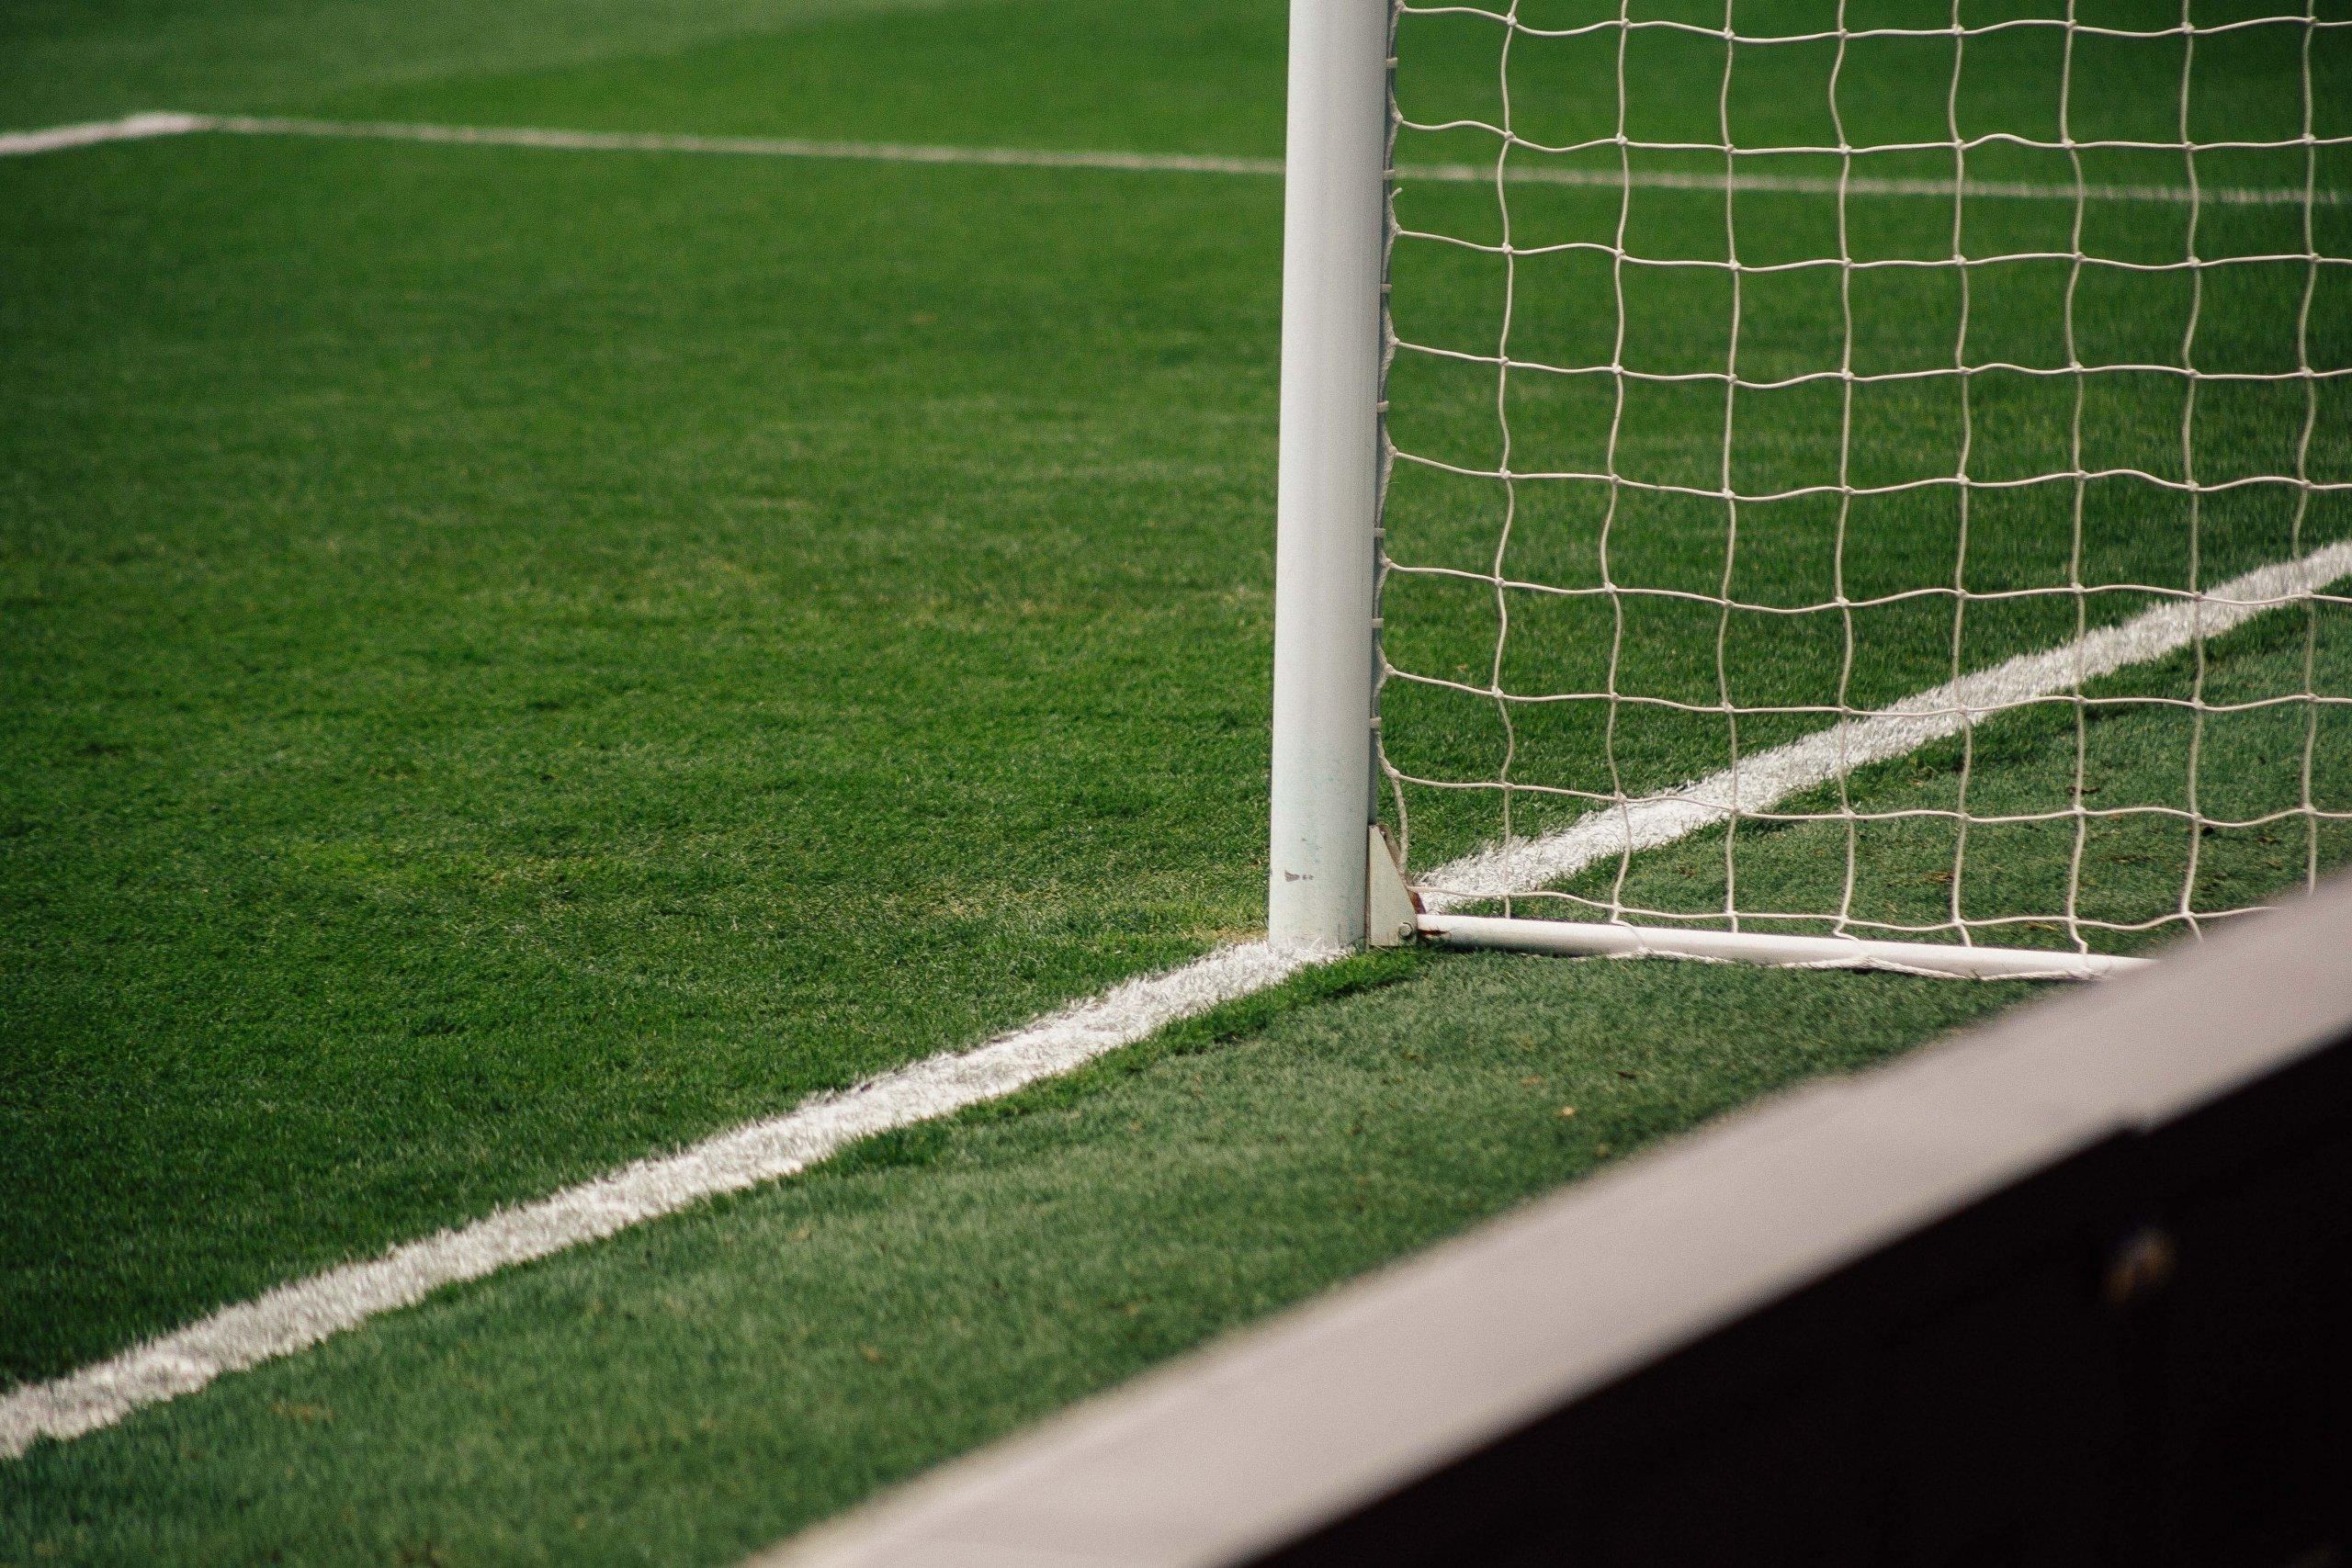 Radovi napreduju munjevitom brzinom: Poznato kako će izgledati Realov stadion